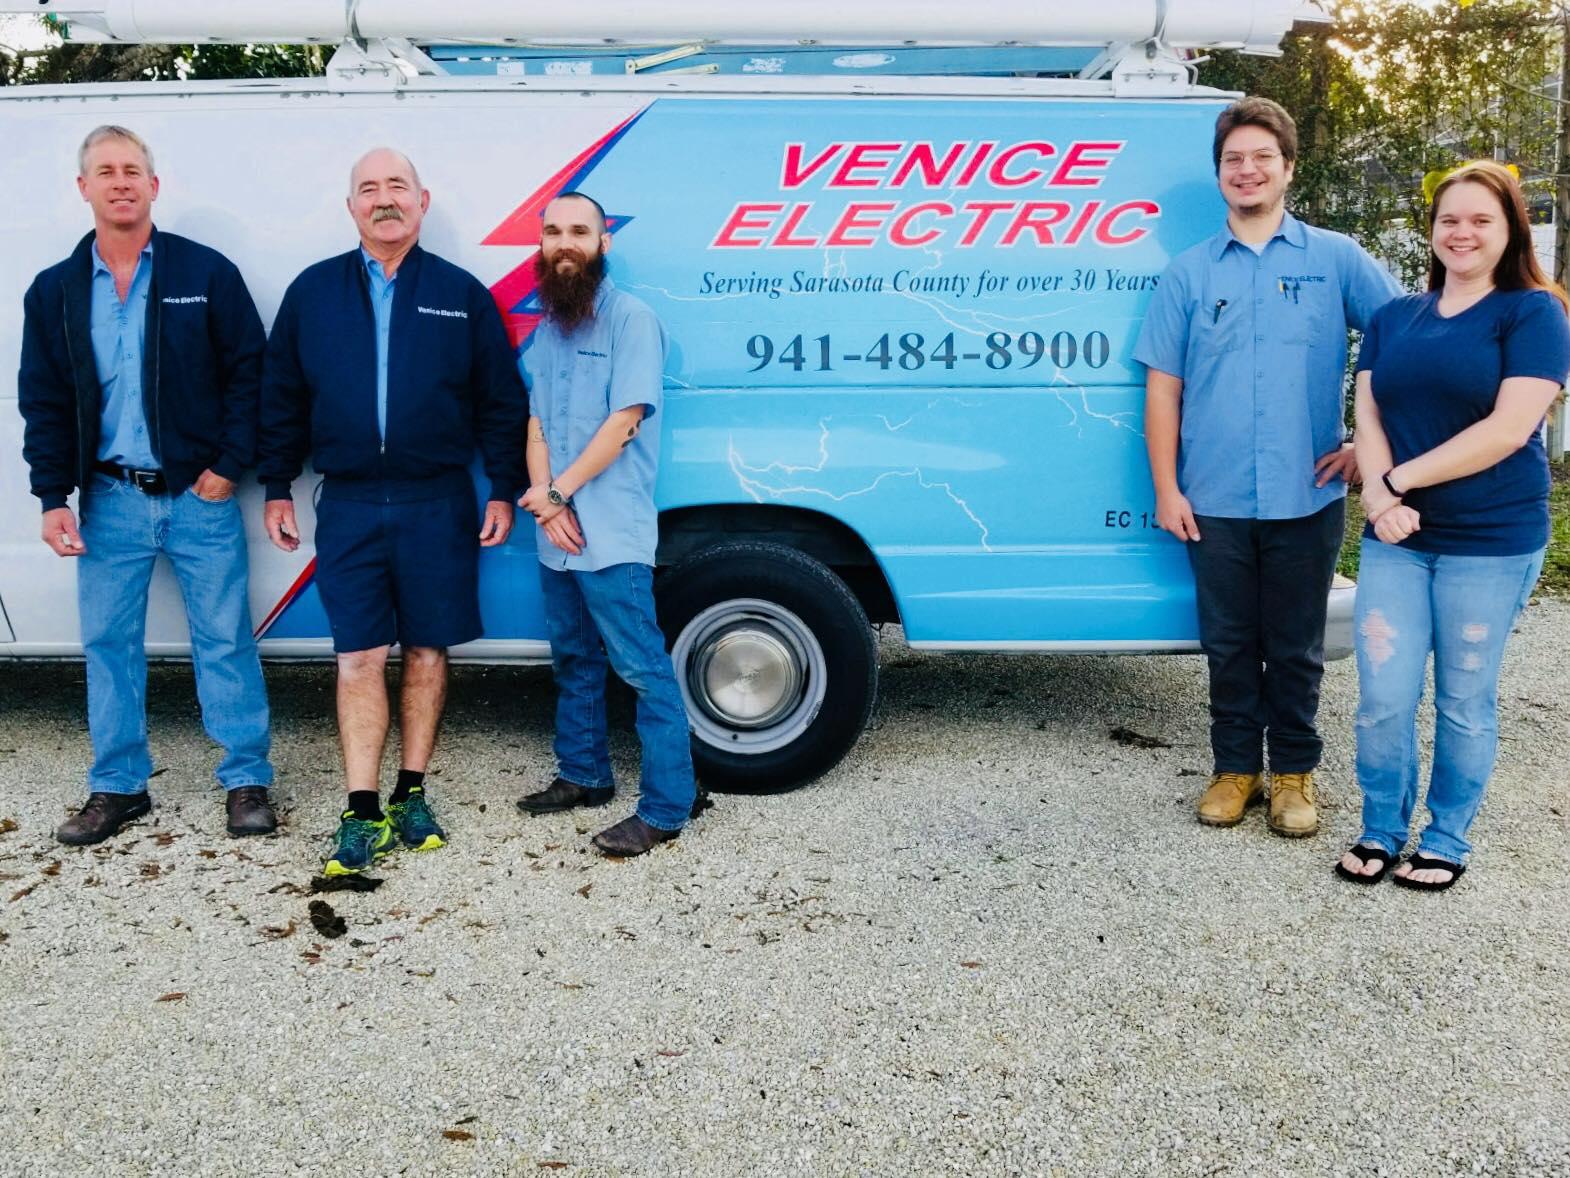 Venice Electric